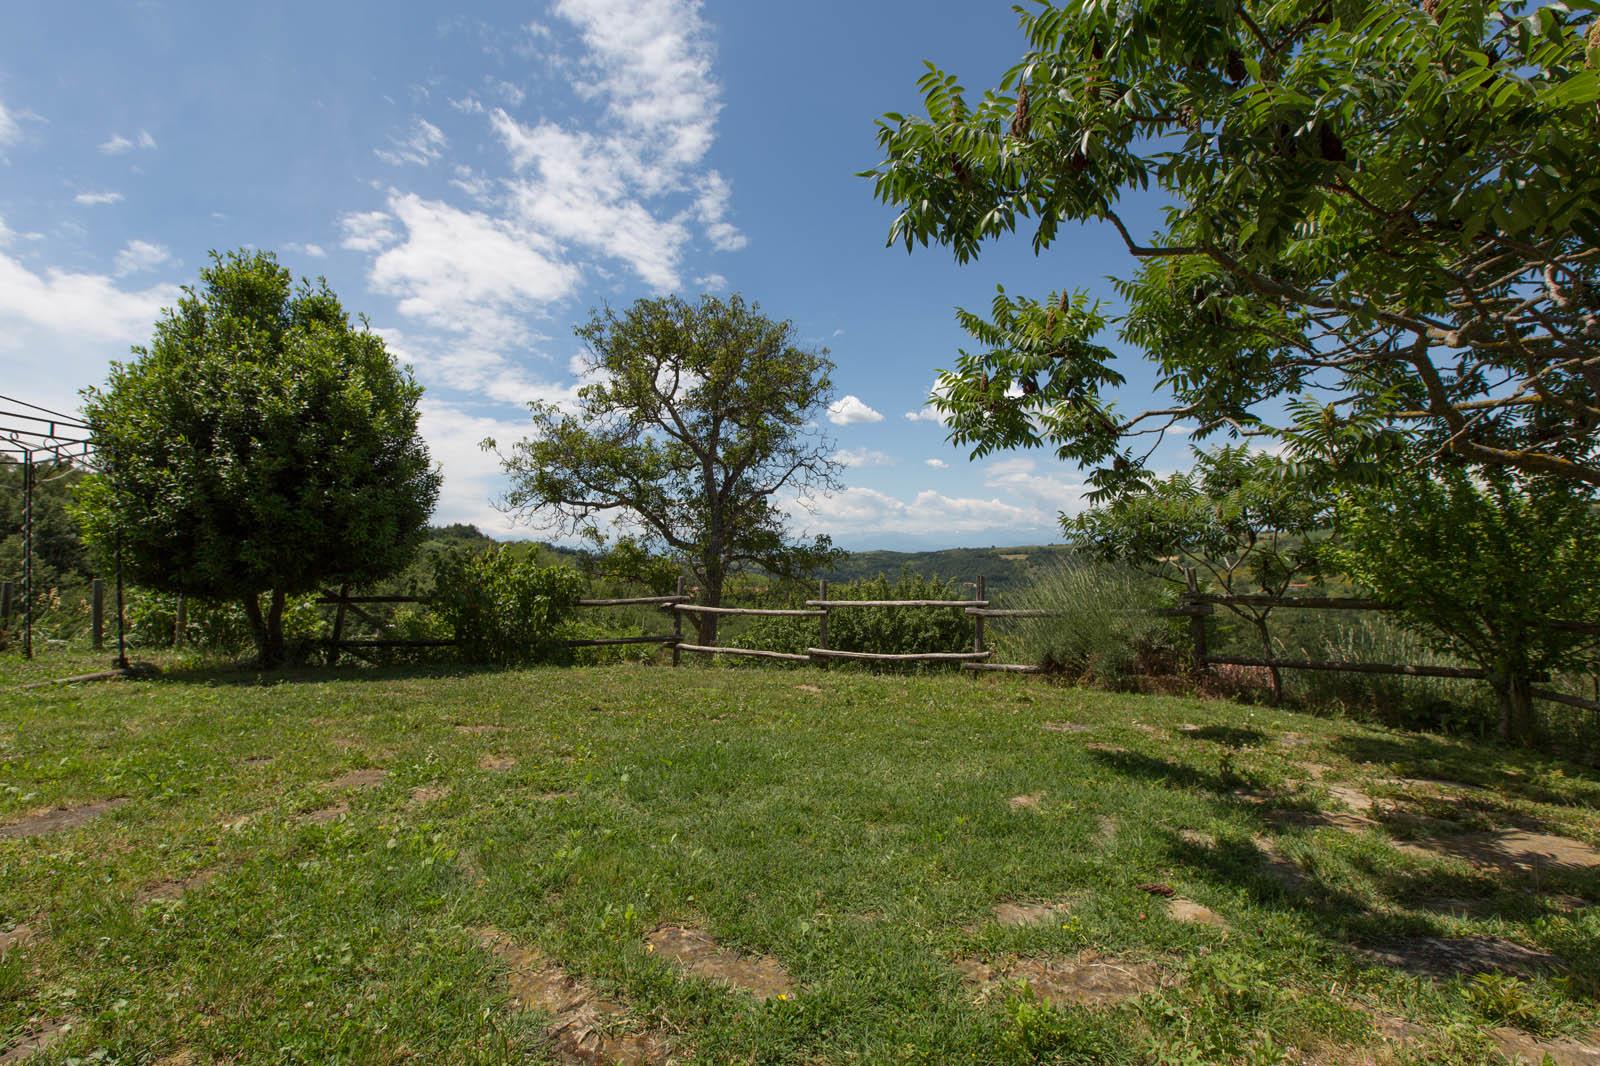 Agriturismo Abbadia Borgo del Sole - Marsaglia le erbe selvatiche spontanee commestibili